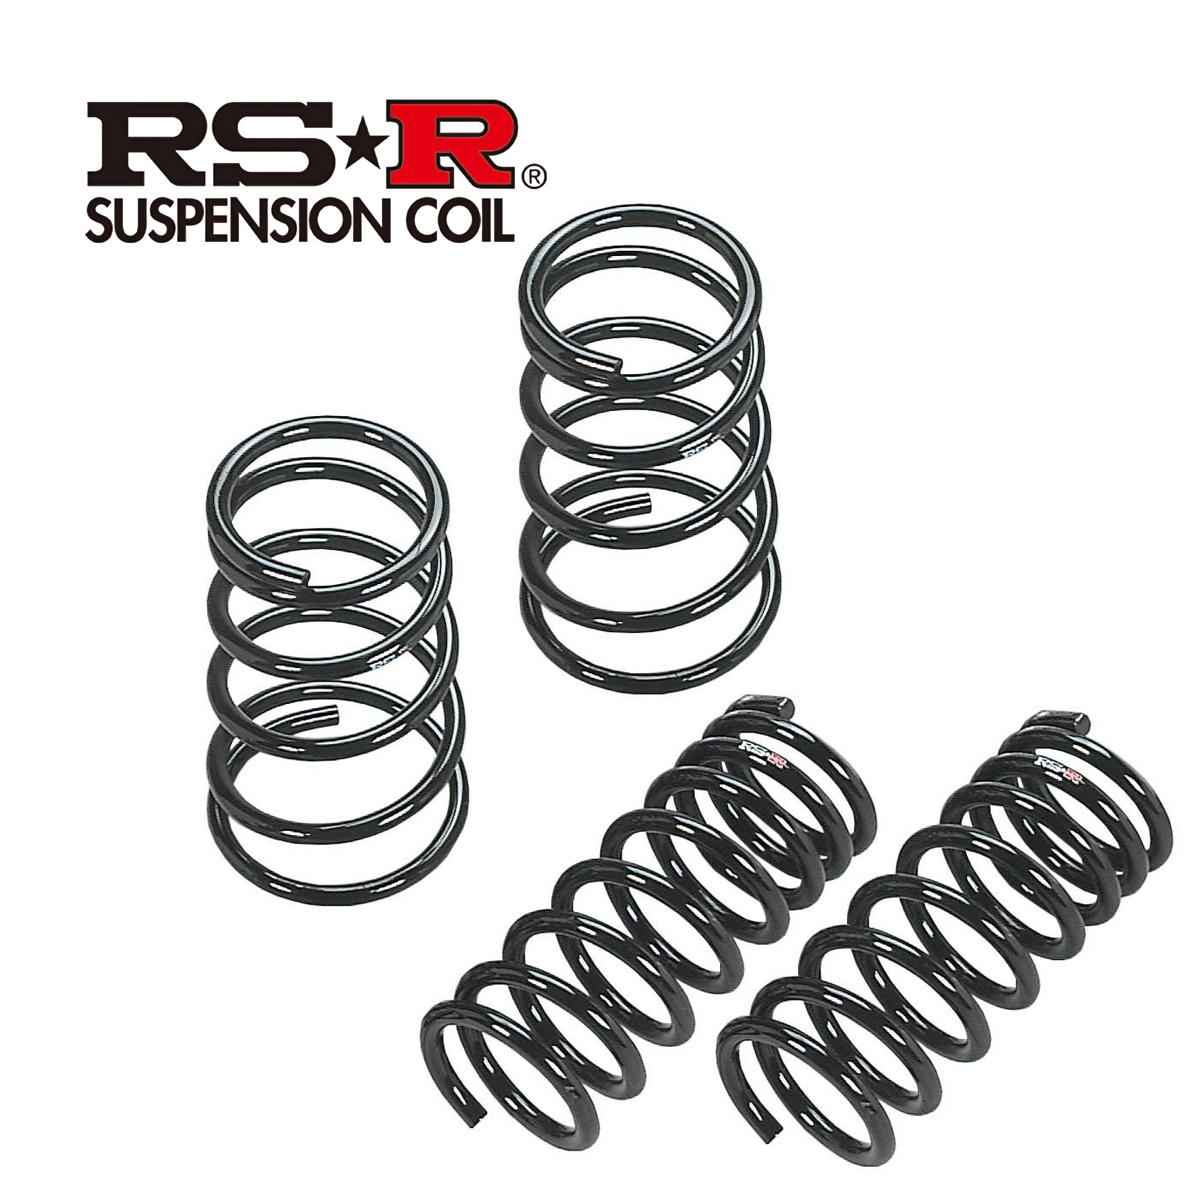 RS-R エブリィ エブリイ エブリー ワゴン DA17W JPターボ ハイルーフ ダウンサス スプリング リア S650SR RSR スーパーダウン RSR 個人宅発送追金有